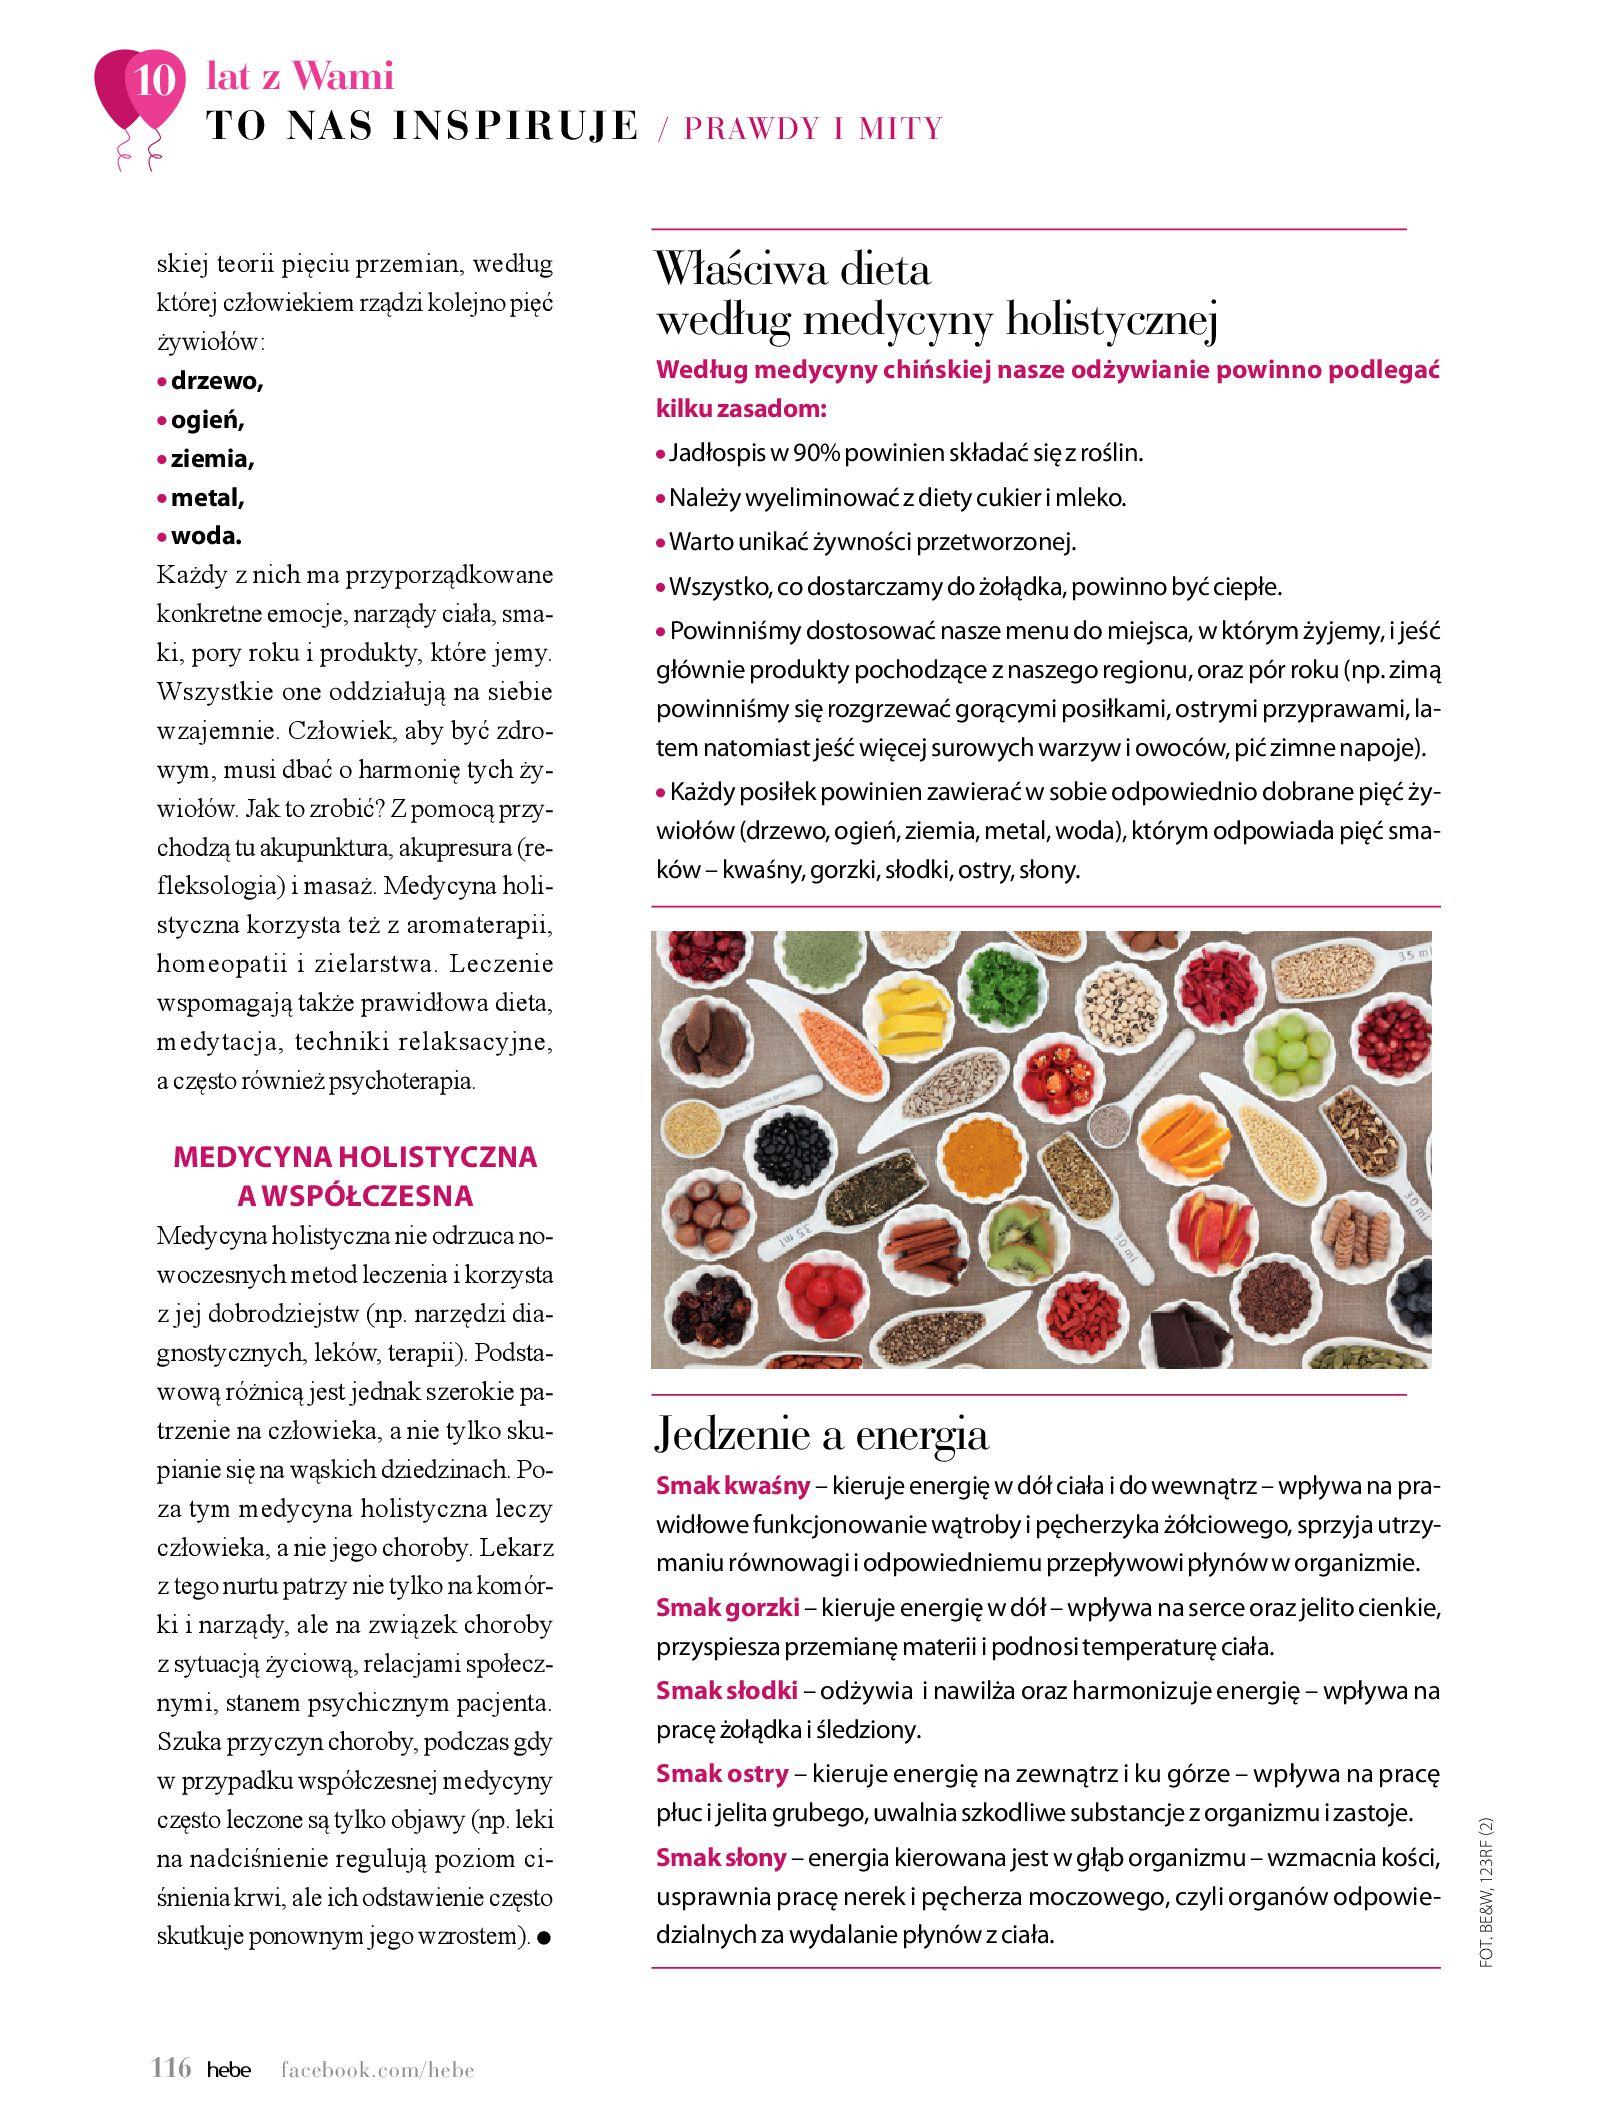 Gazetka hebe: Gazetka Hebe - Magazyn  2021-05-01 page-116